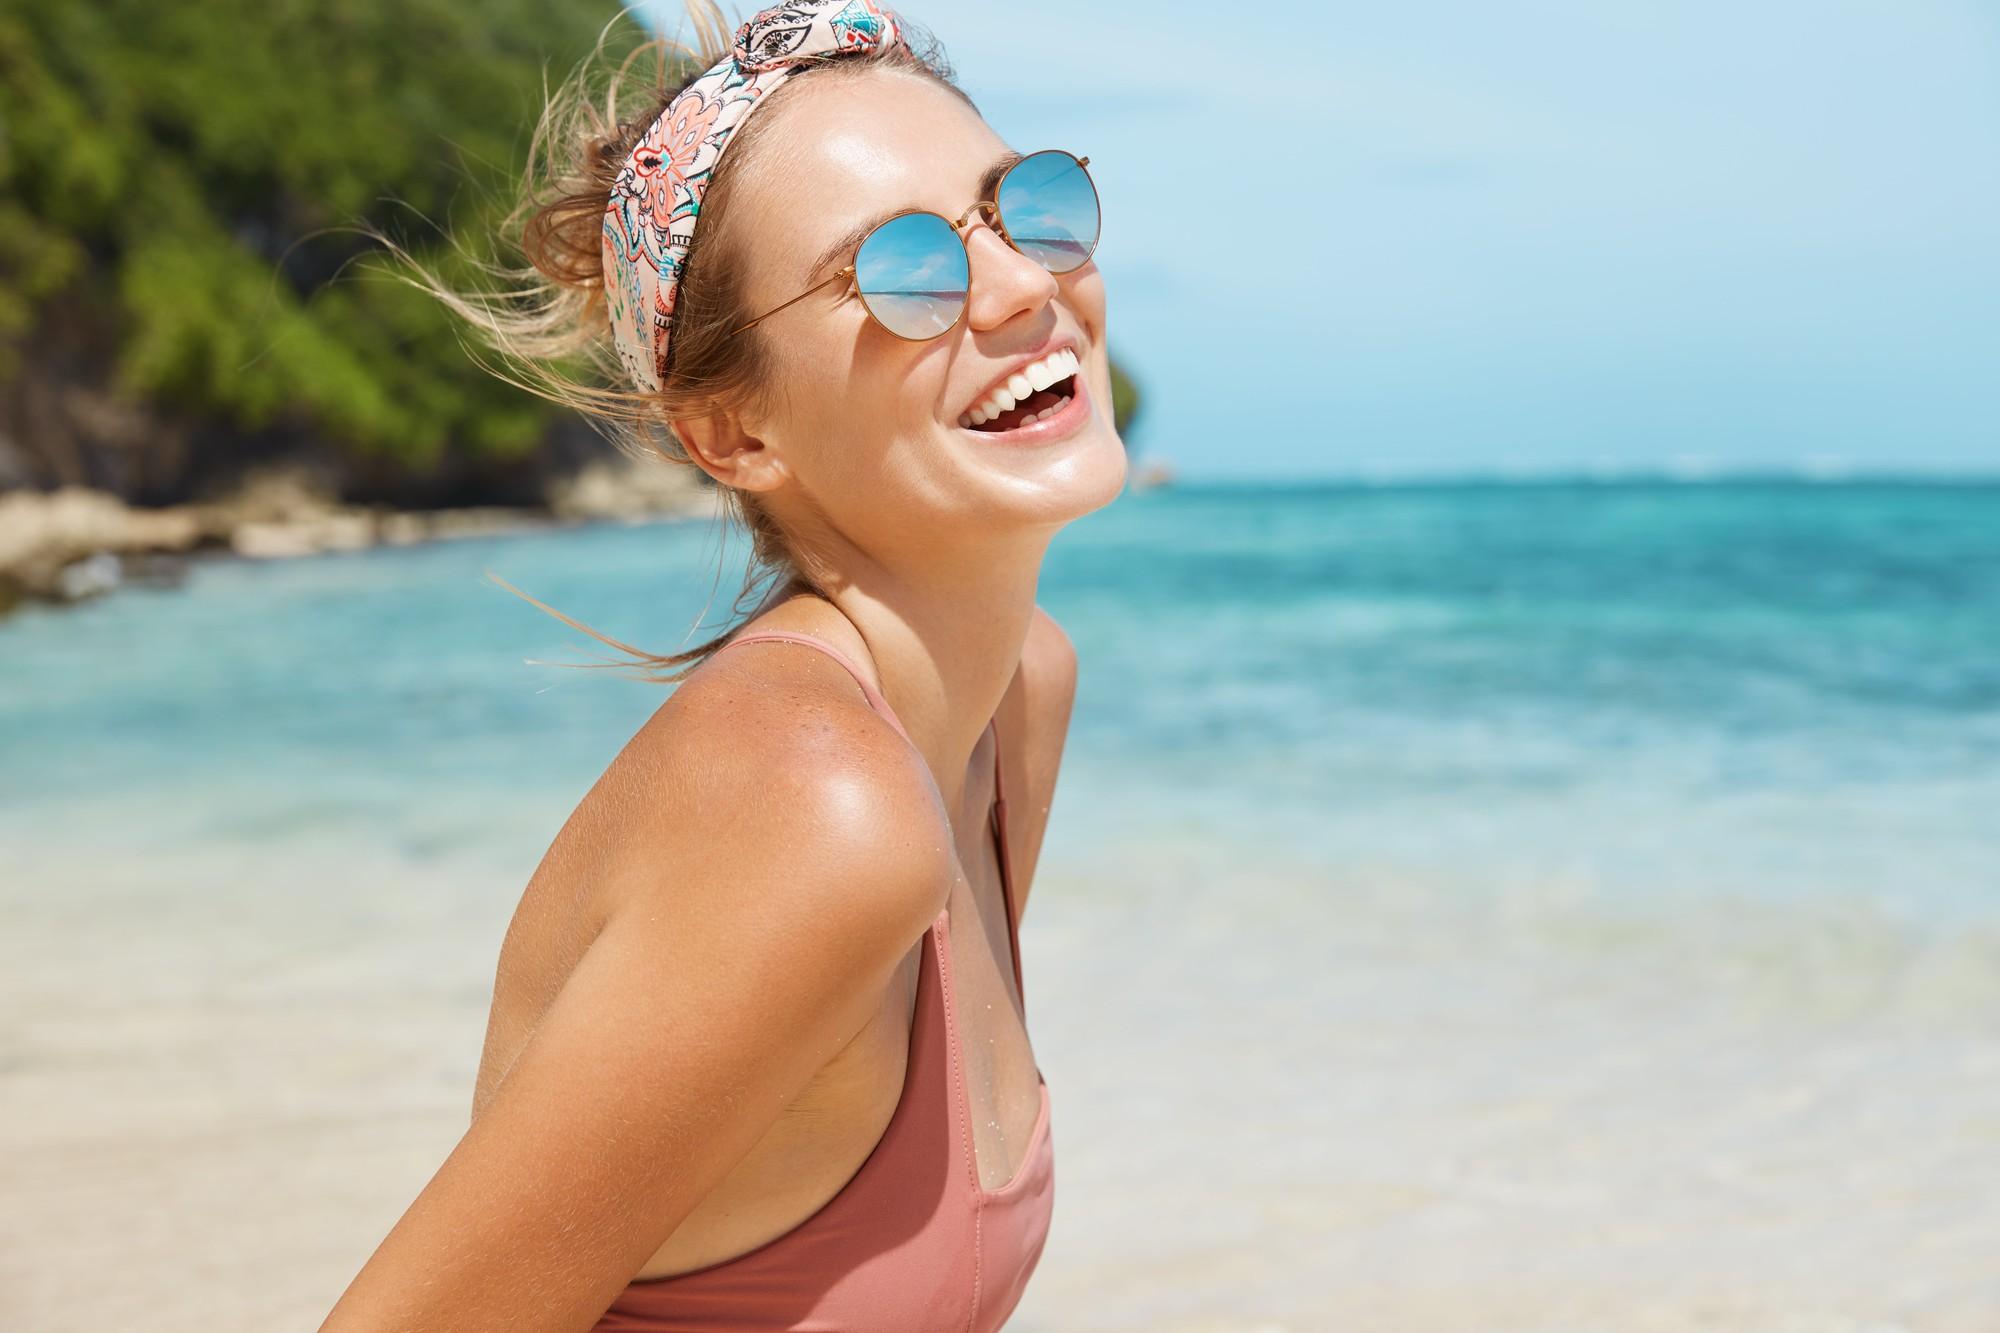 Bí quyết dưỡng ẩm và dưỡng trắng hiệu quả bất chấp mọi thời tiết - Ảnh 1.